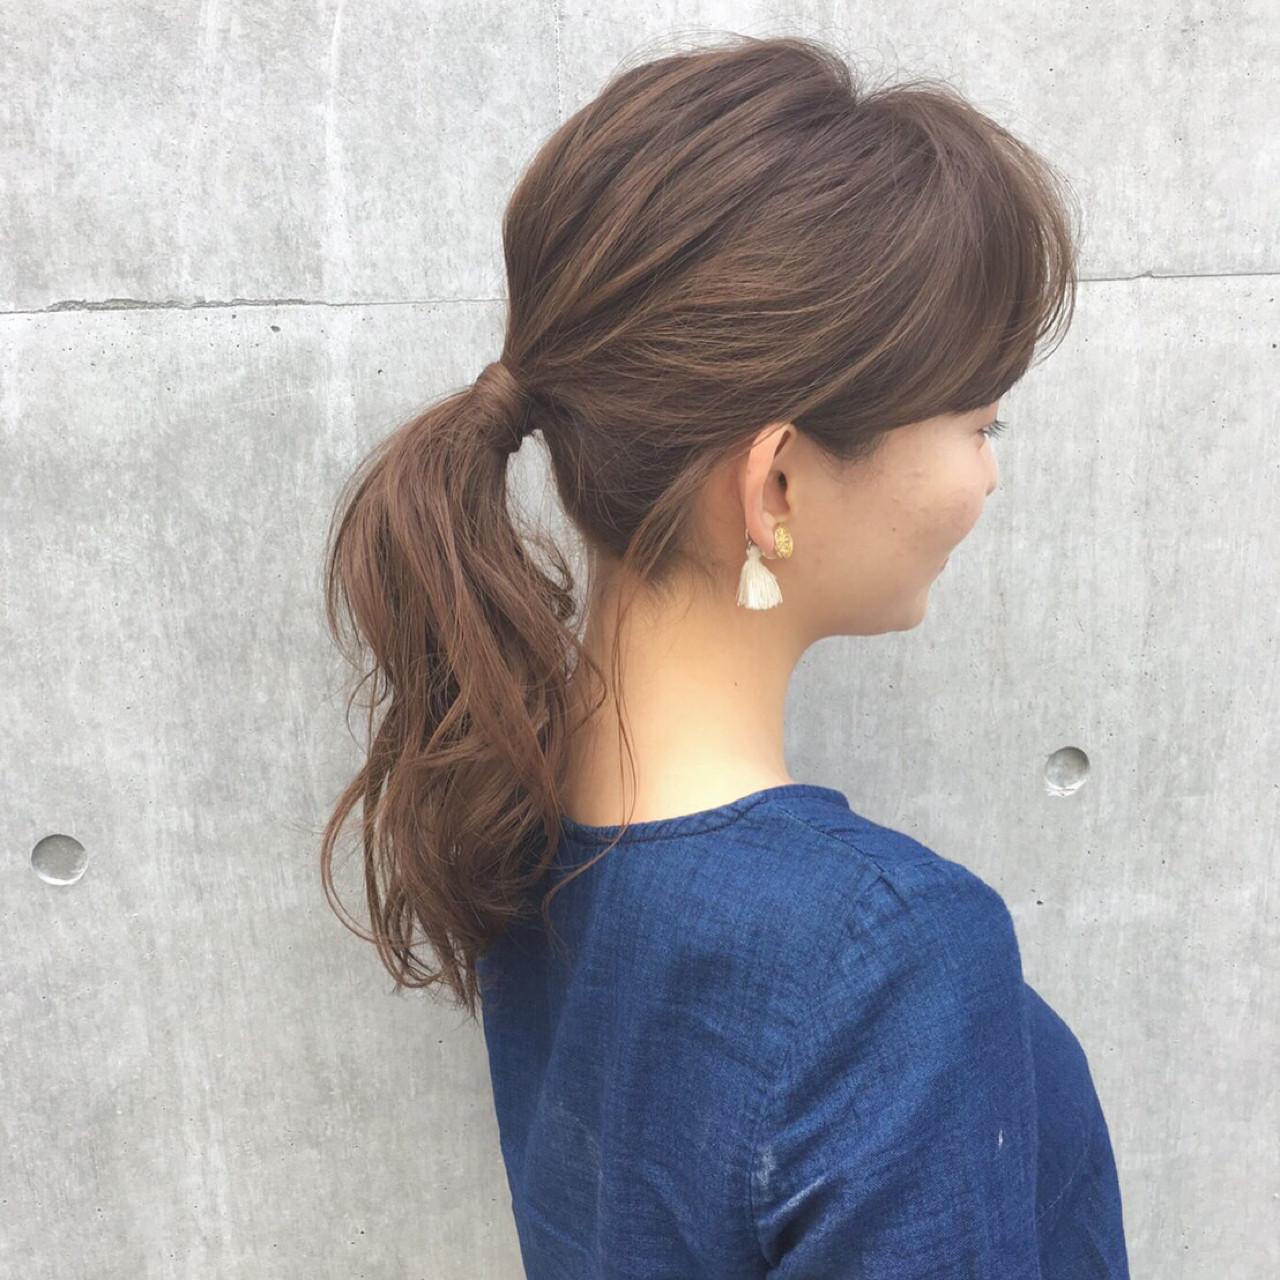 簡単ヘアアレンジ ヘアアレンジ セミロング ポニーテール ヘアスタイルや髪型の写真・画像